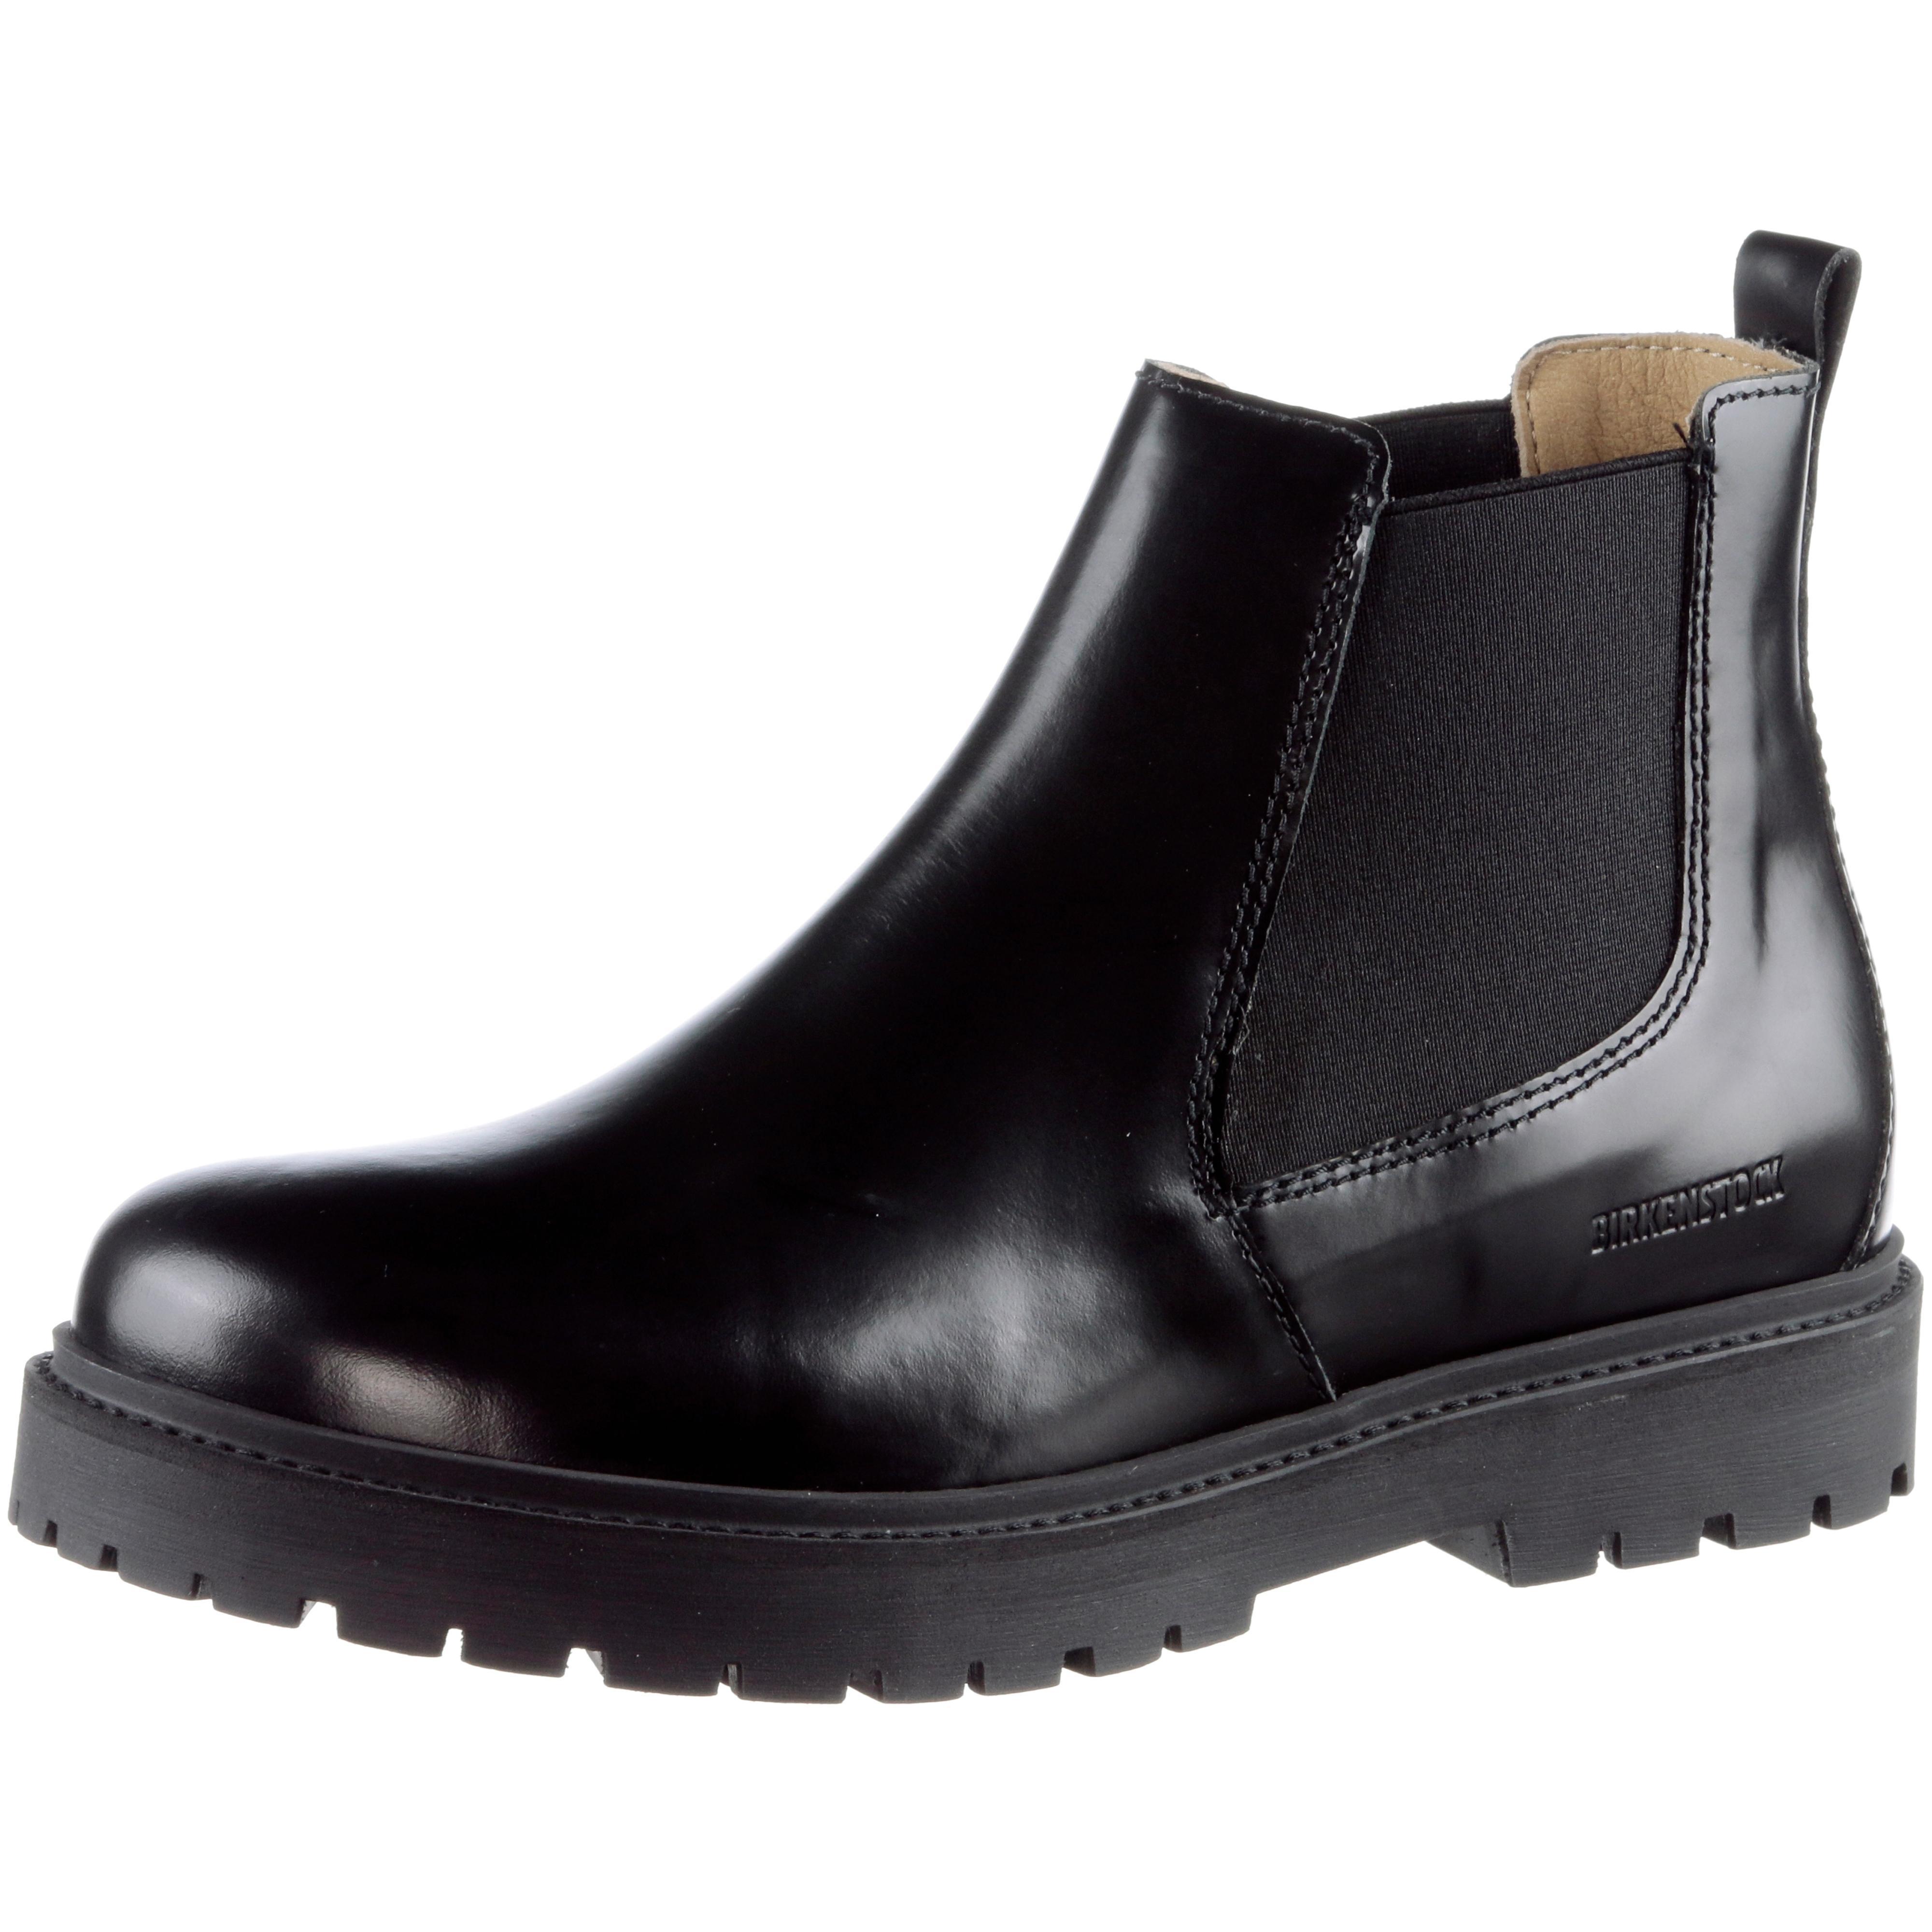 c4283ed049f Birkenstock Stalon Boots Damen graphite im Online Shop von SportScheck  kaufen